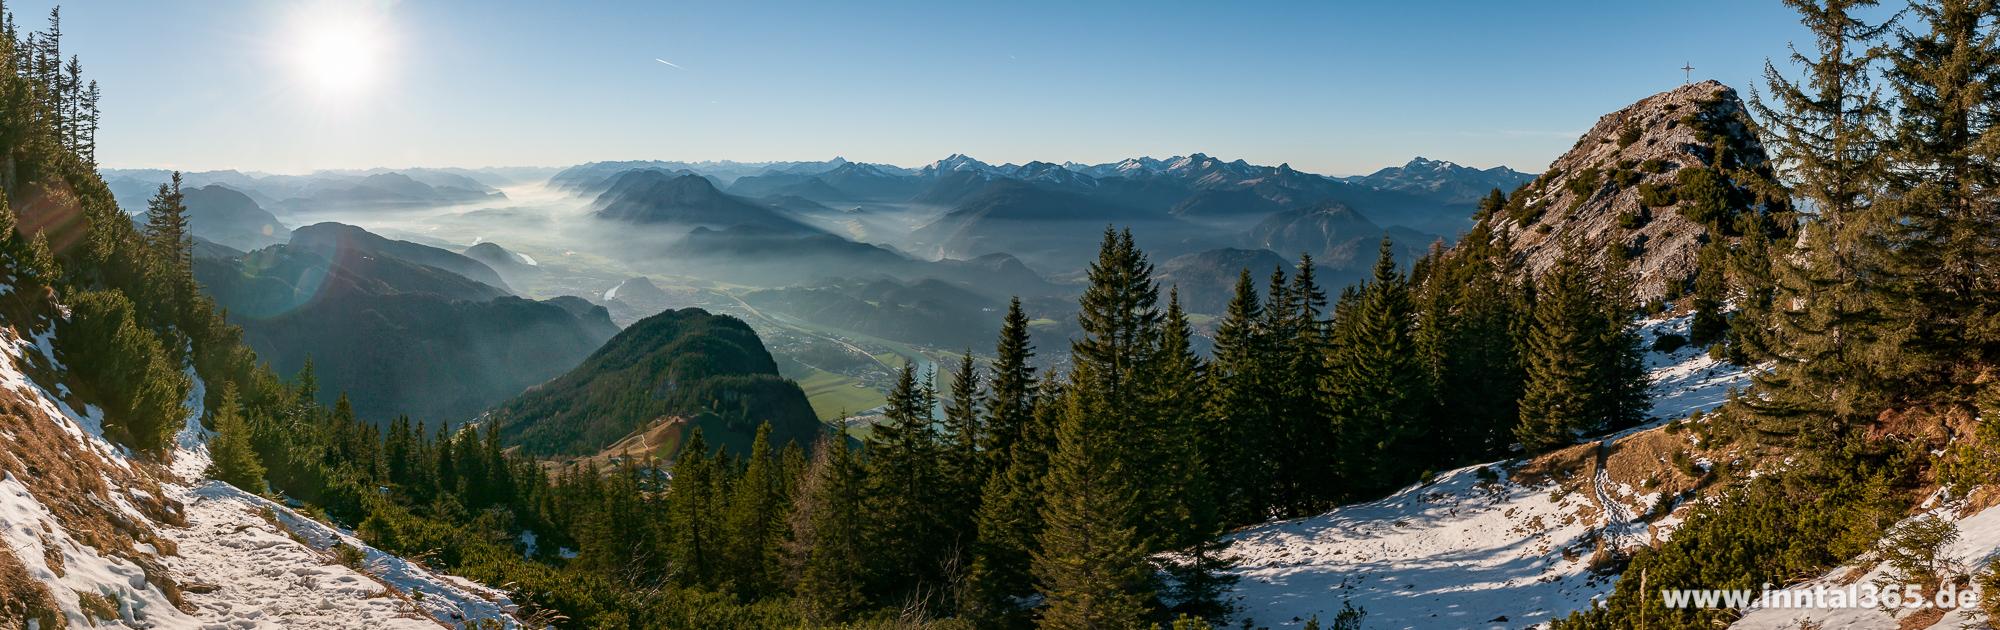 25.12.2015 - Unterwegs am Zahmen Kaiser - Höhe Naunspitze